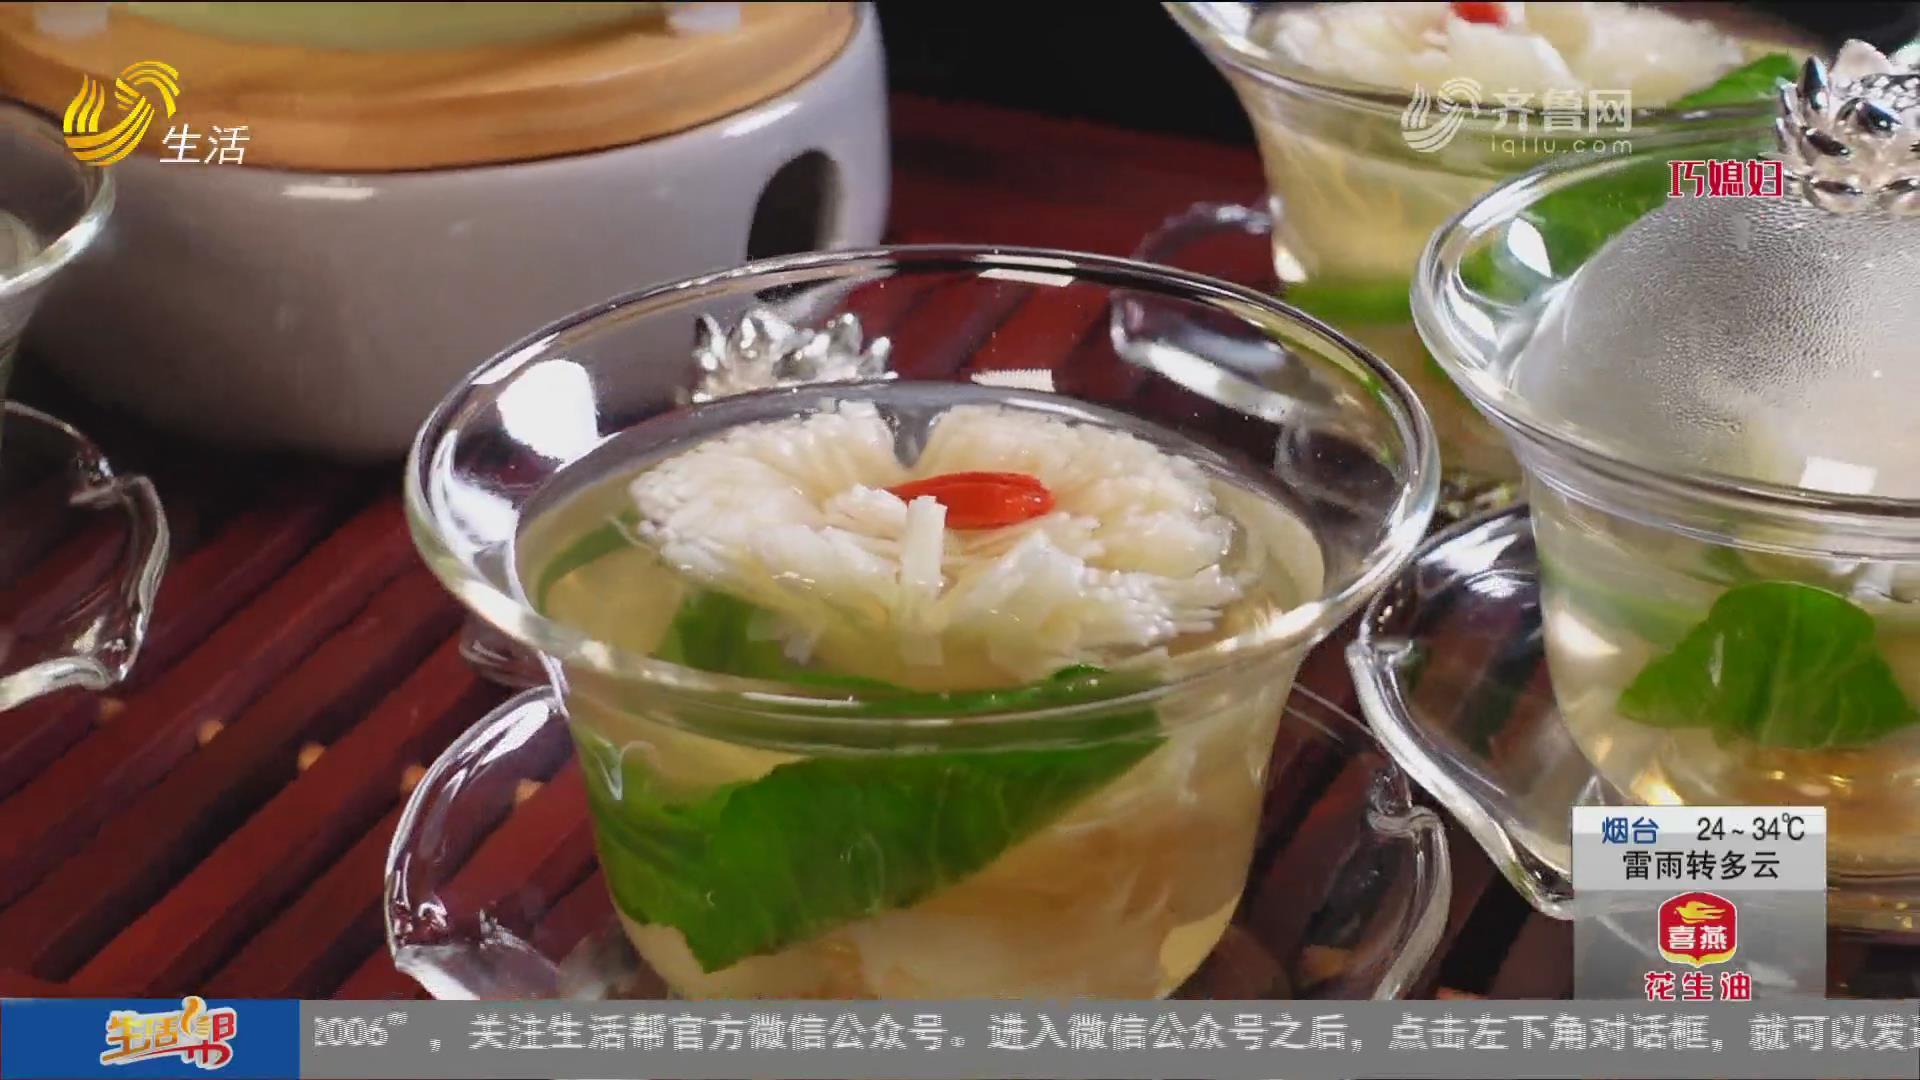 """【难舍经典 山东味道】大厨泉城""""论剑"""" 食材碰撞惊艳味蕾"""